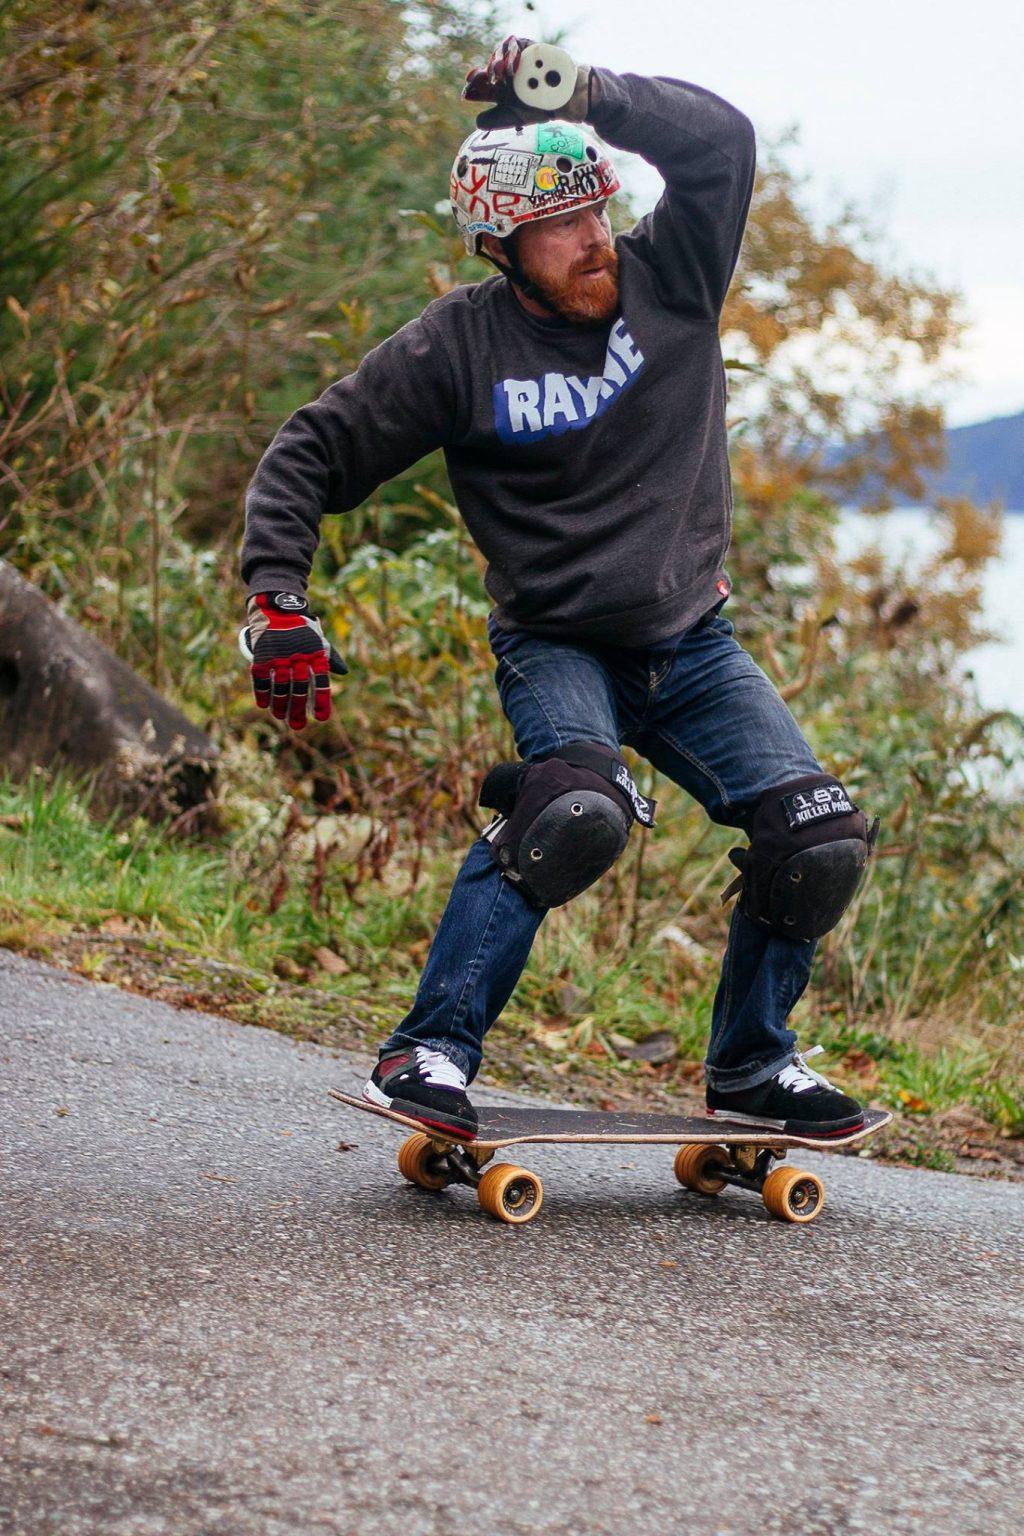 41-sam-galus-flatspot-longboards-valhalla-skateboards-higway-jam-highwayjamx-sho-ouellette-sho-stopper-longboarding